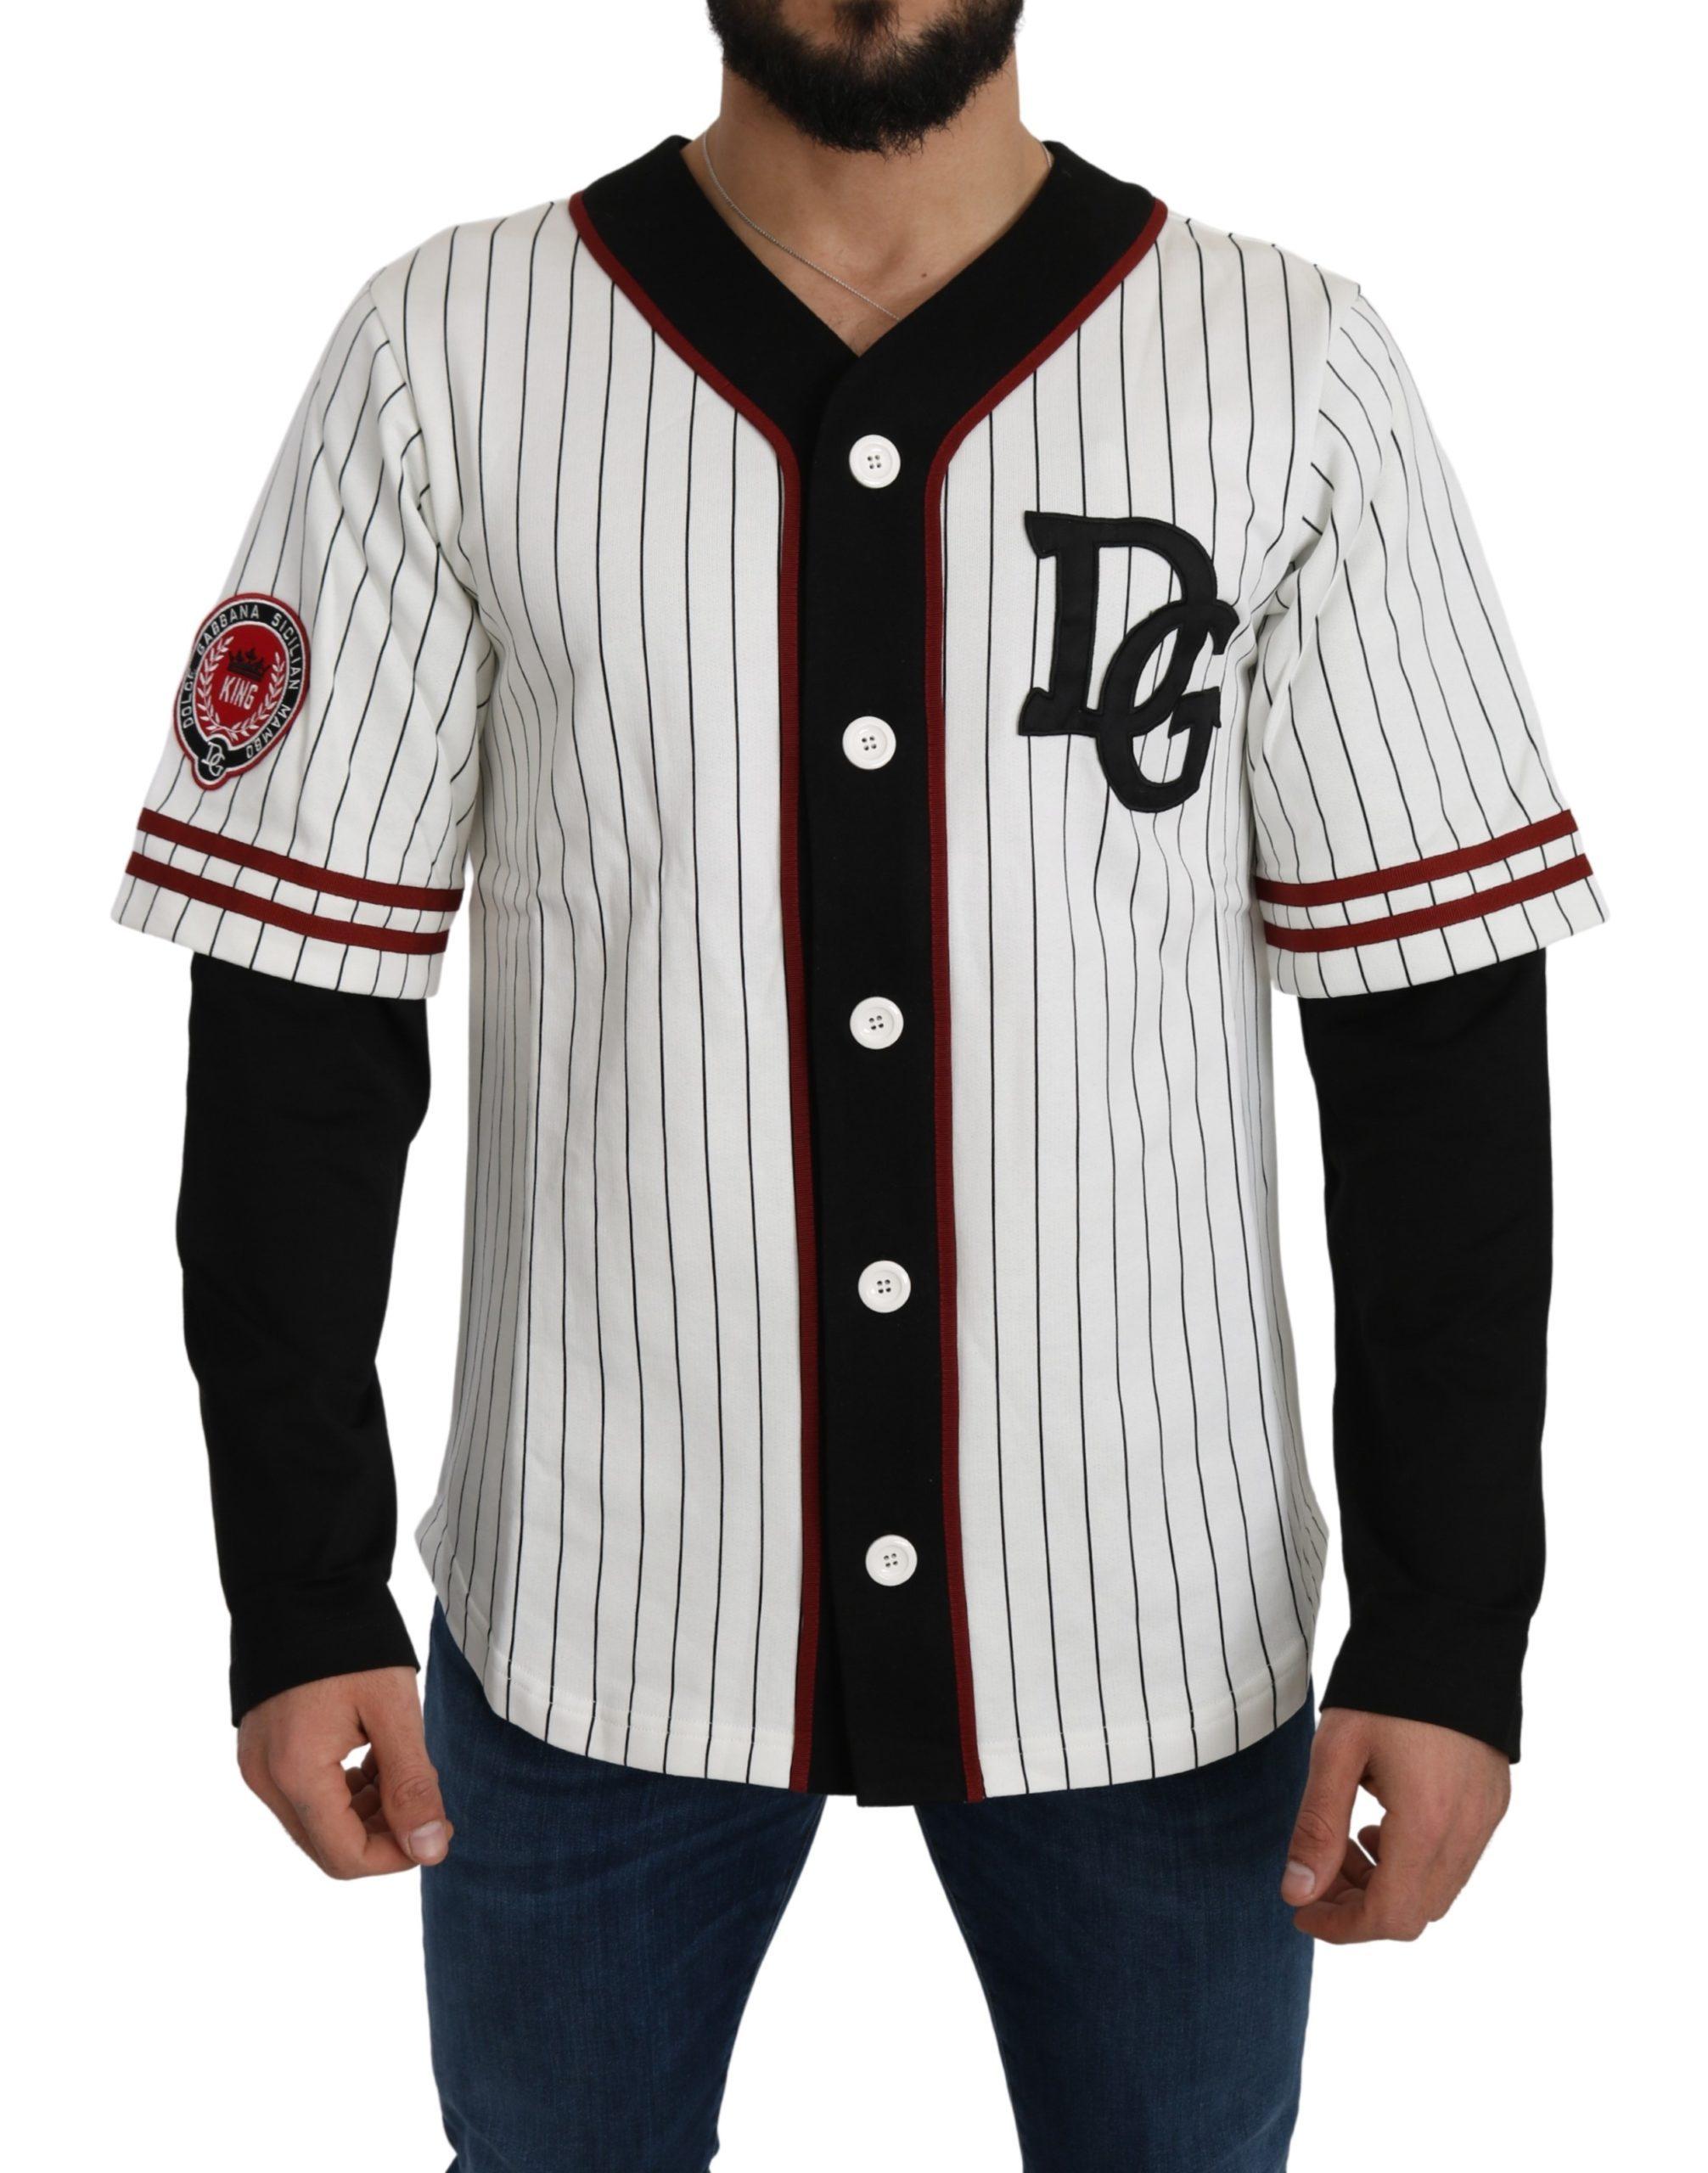 Dolce & Gabbana Men's Cotton Striped Logo Sweater Black/White TSH5101 - IT46   S